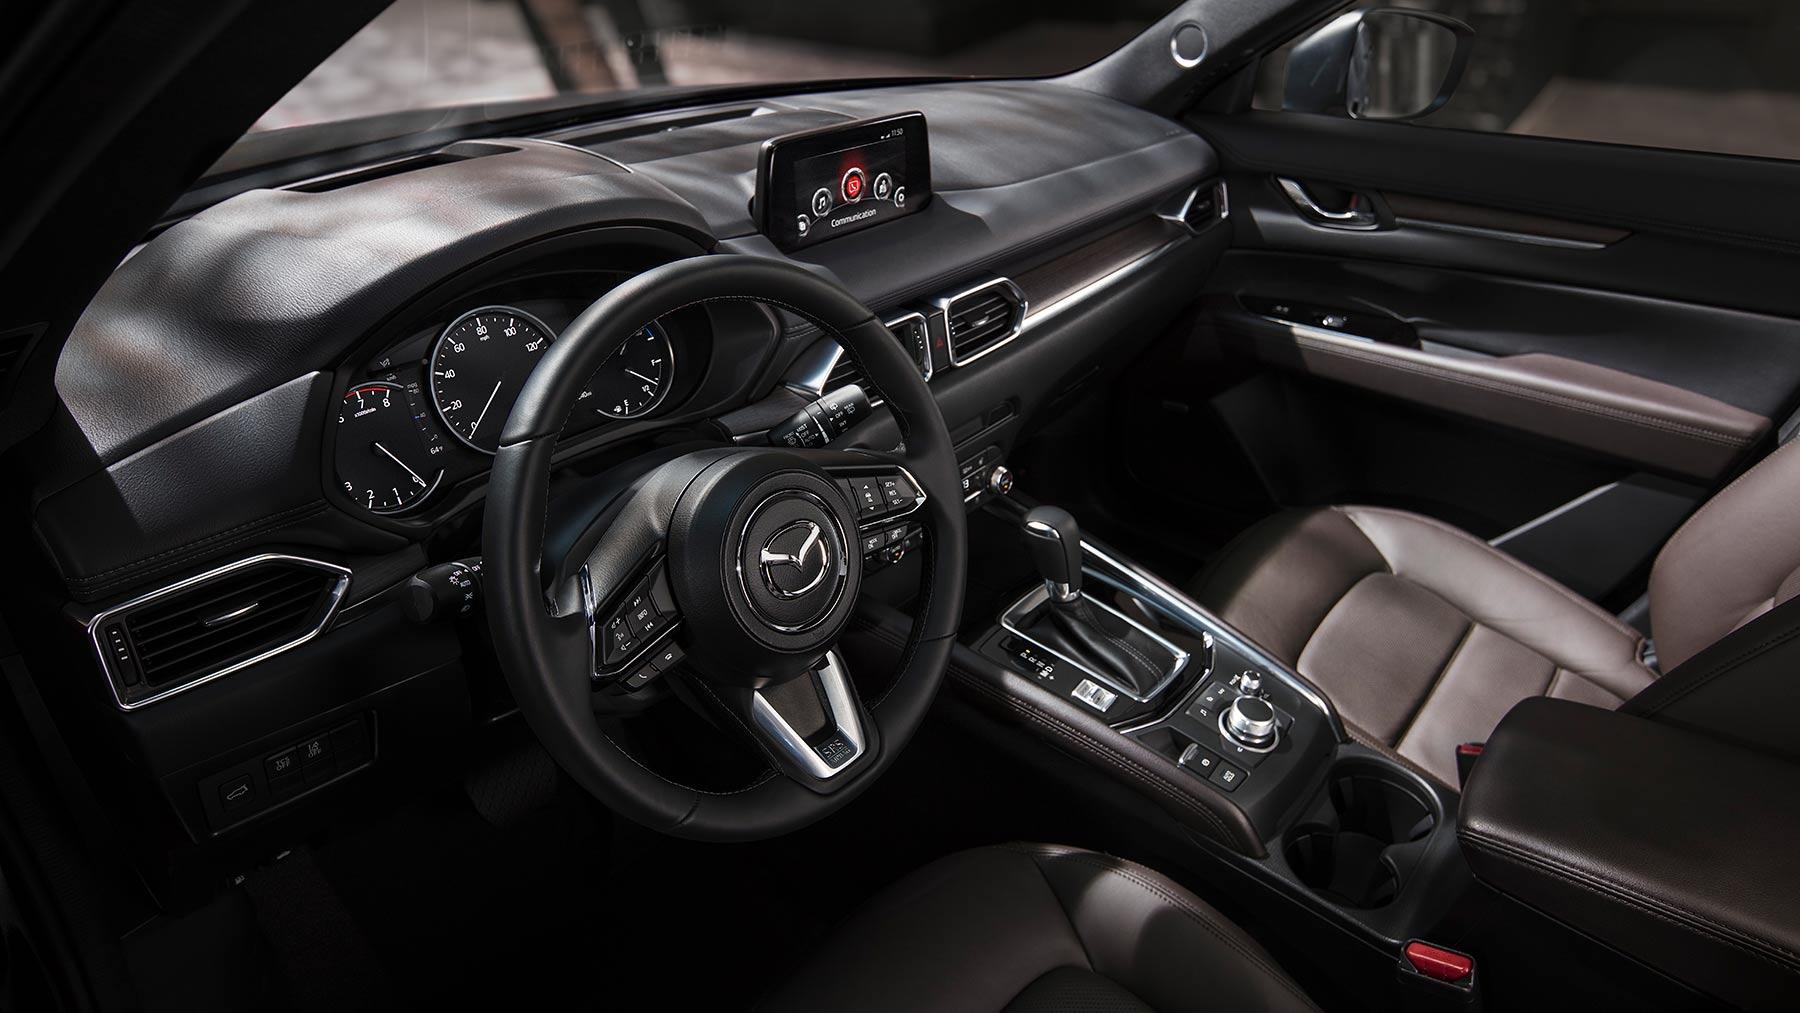 2020 Mazda CX 5 Lodi NJ